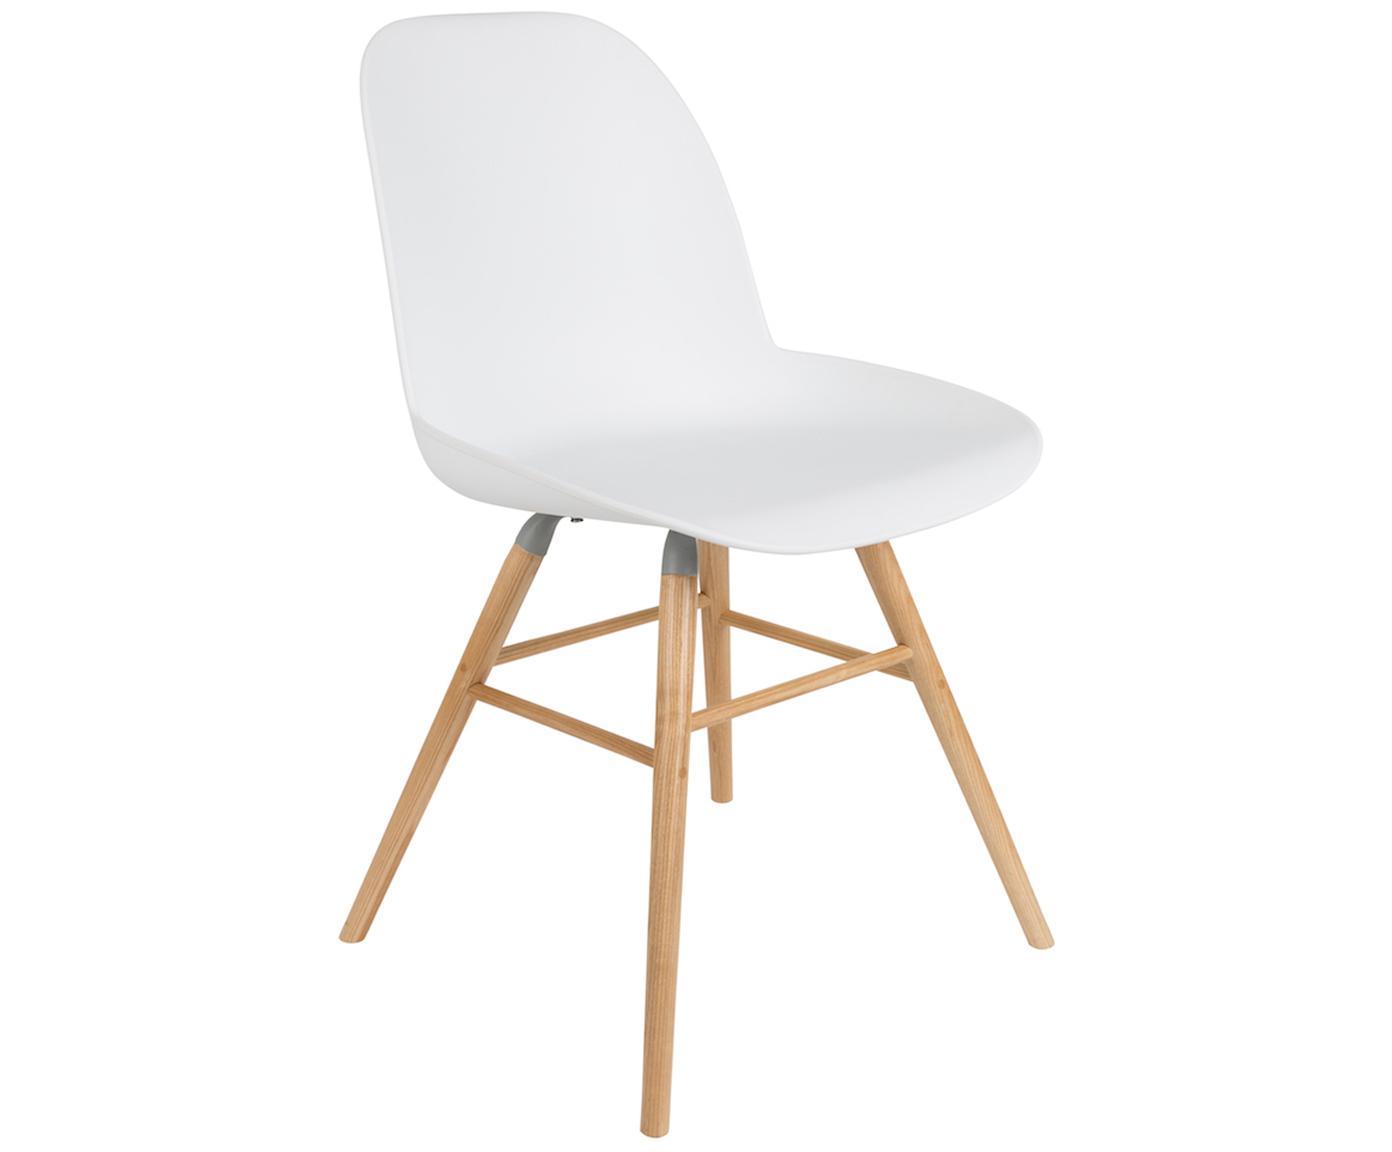 Krzesło Albert Kuip, Nogi: drewno dębowe, Biały, S 49 x G 55 cm